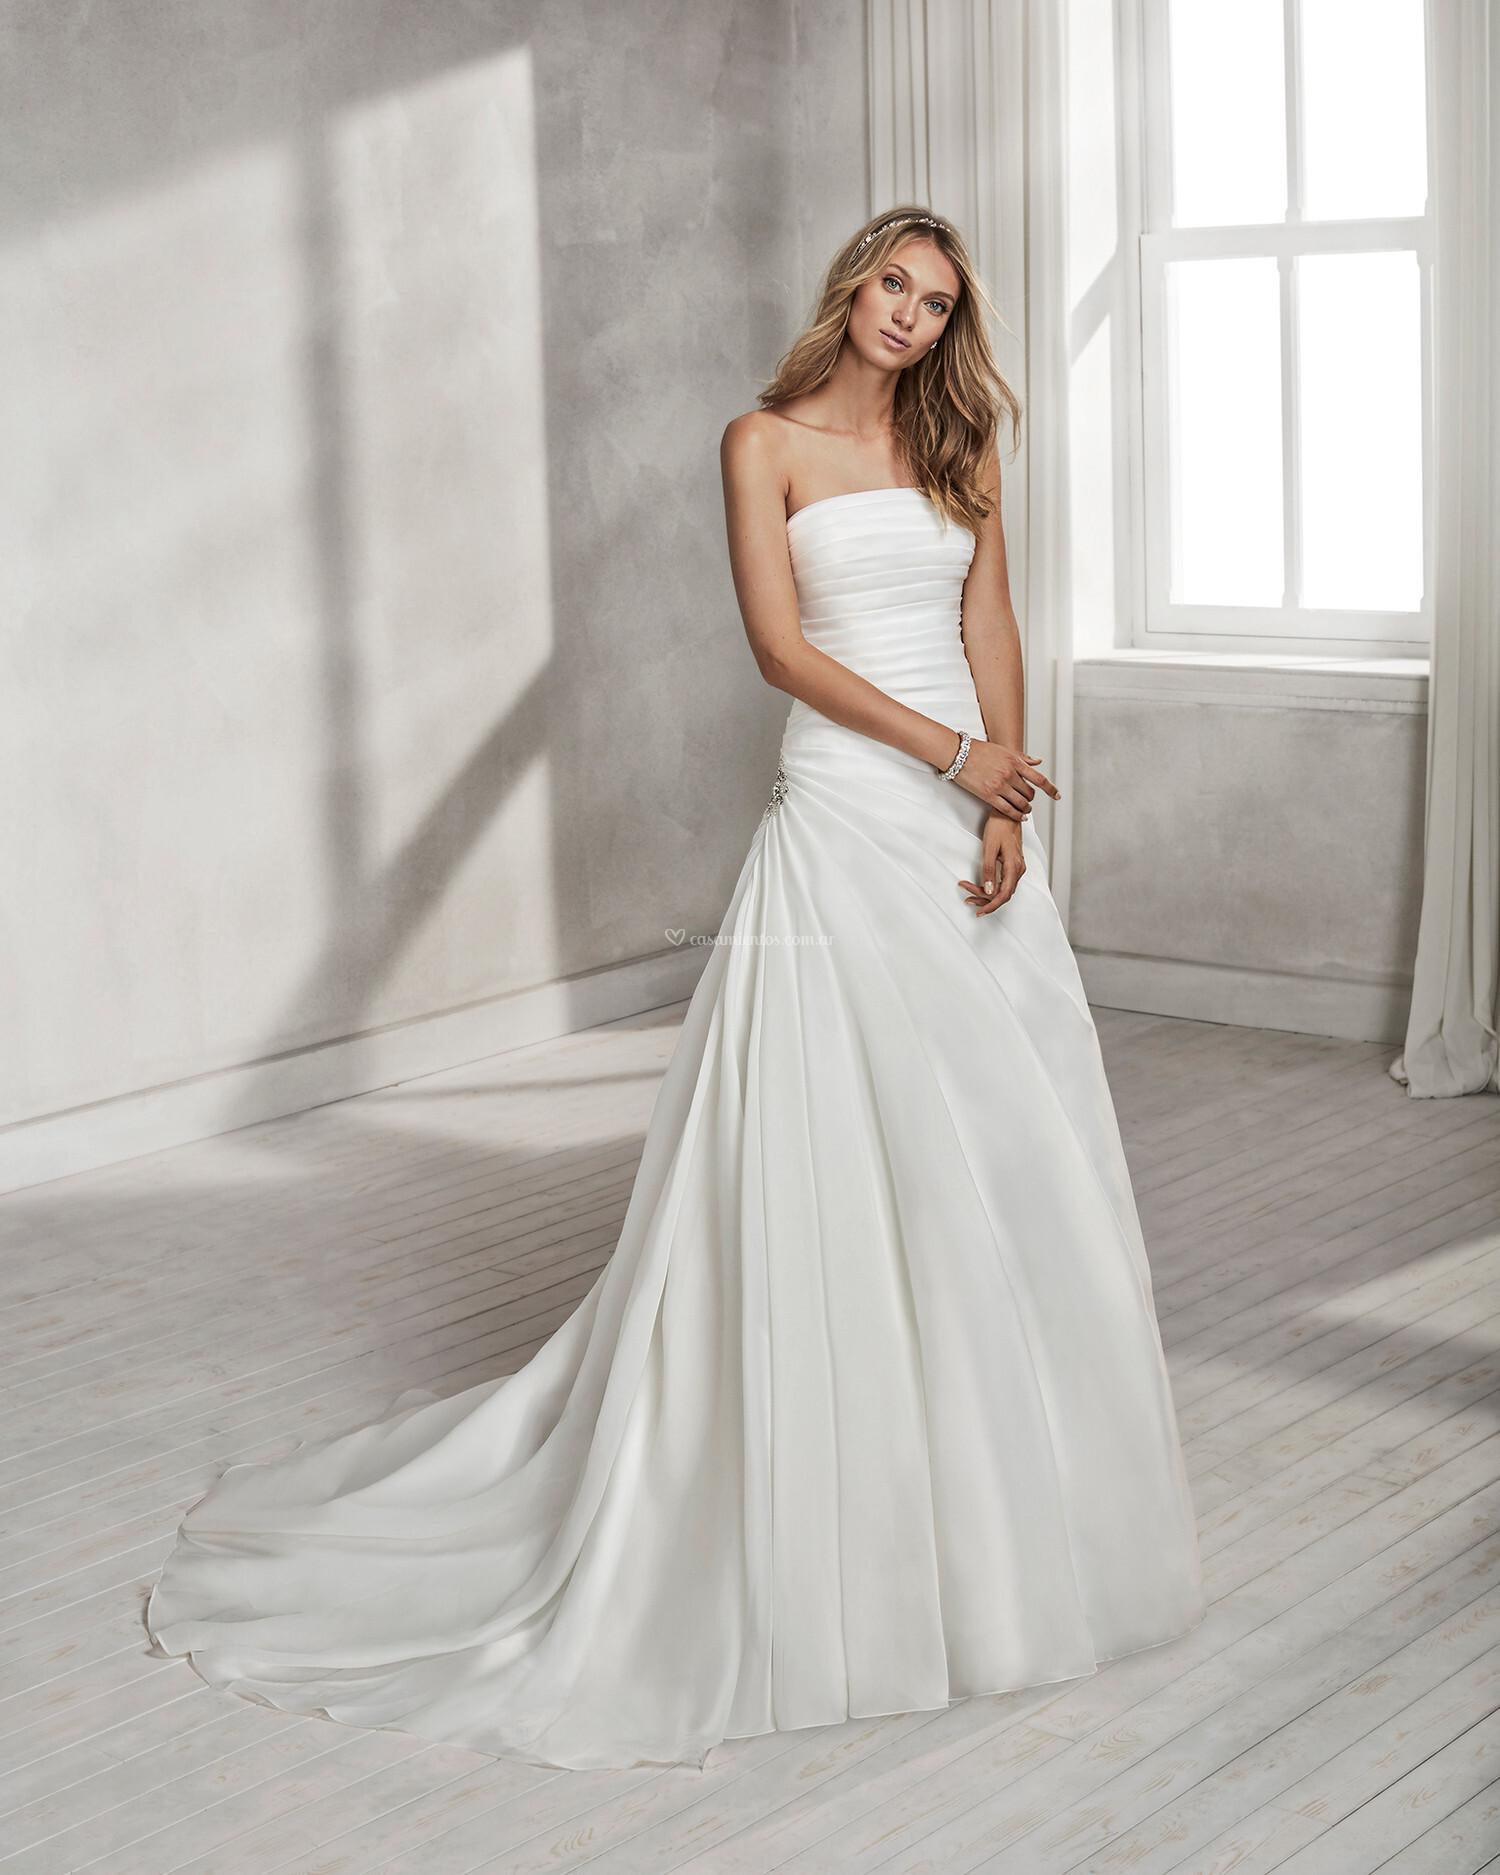 d299893445 Vestidos de Novia de Luna Novias - Página 9 - Casamientos.com.ar